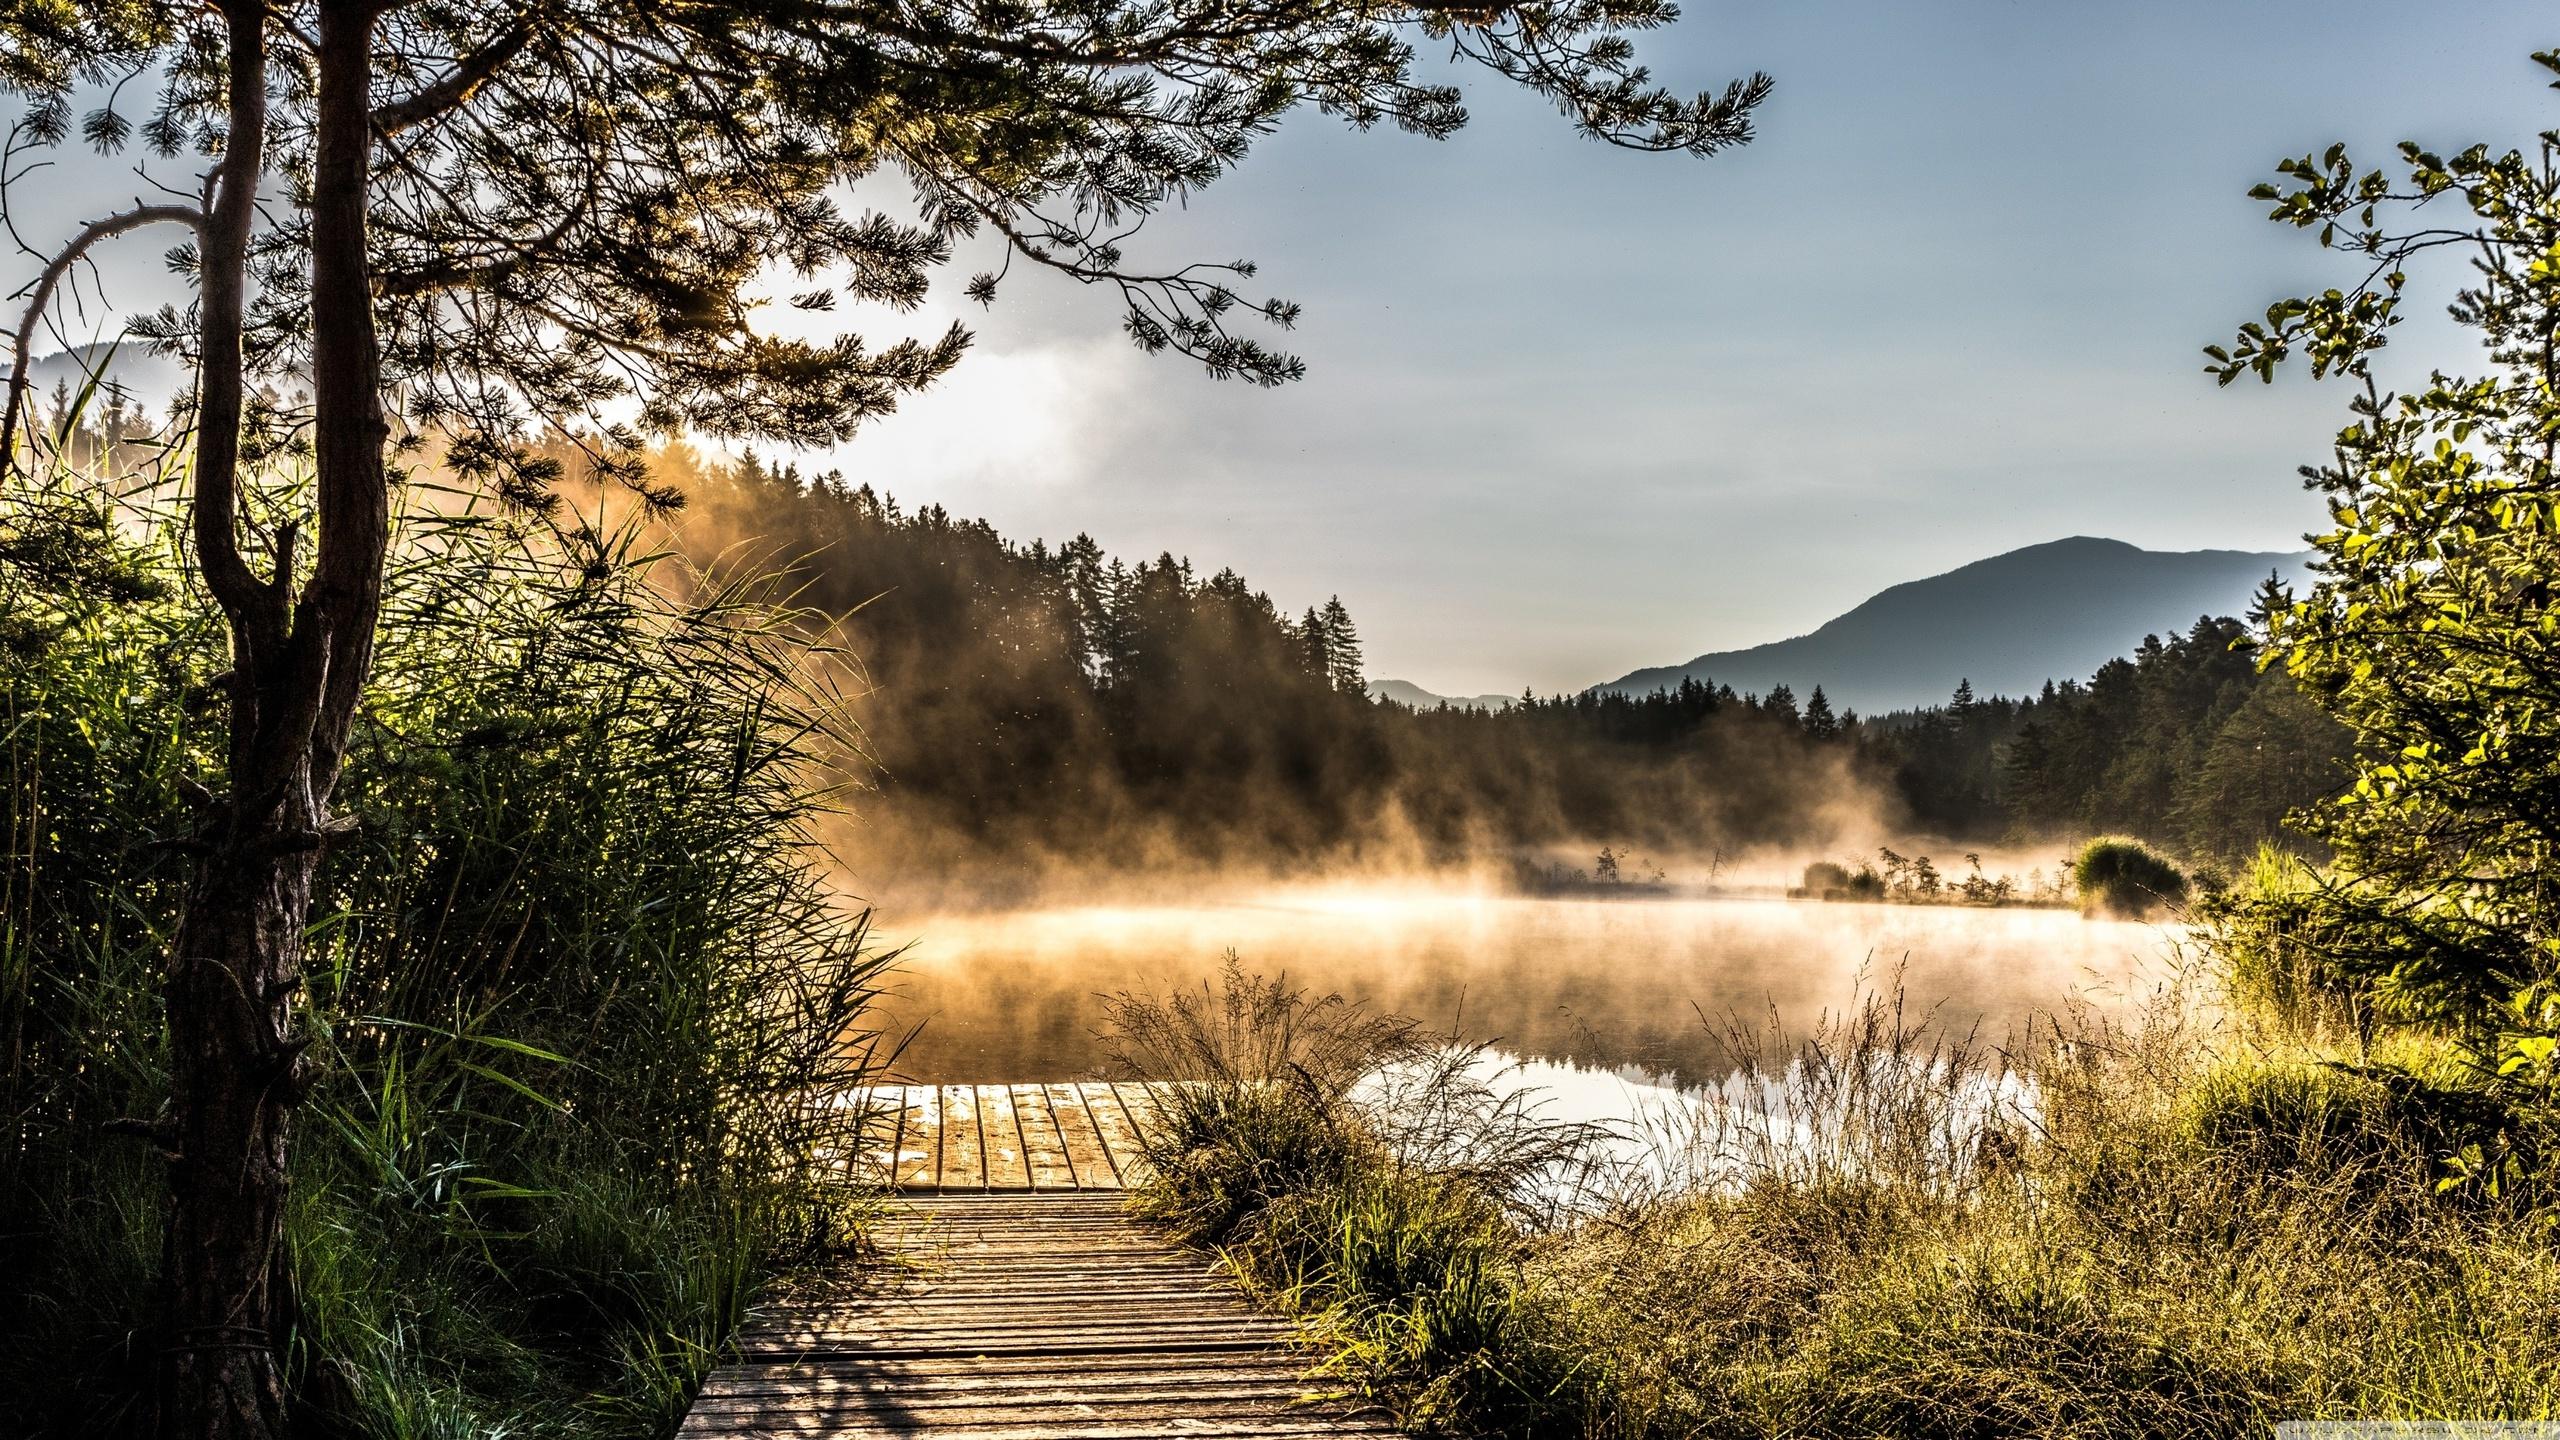 Egelsee Lake in Carinthia (2560x1440)